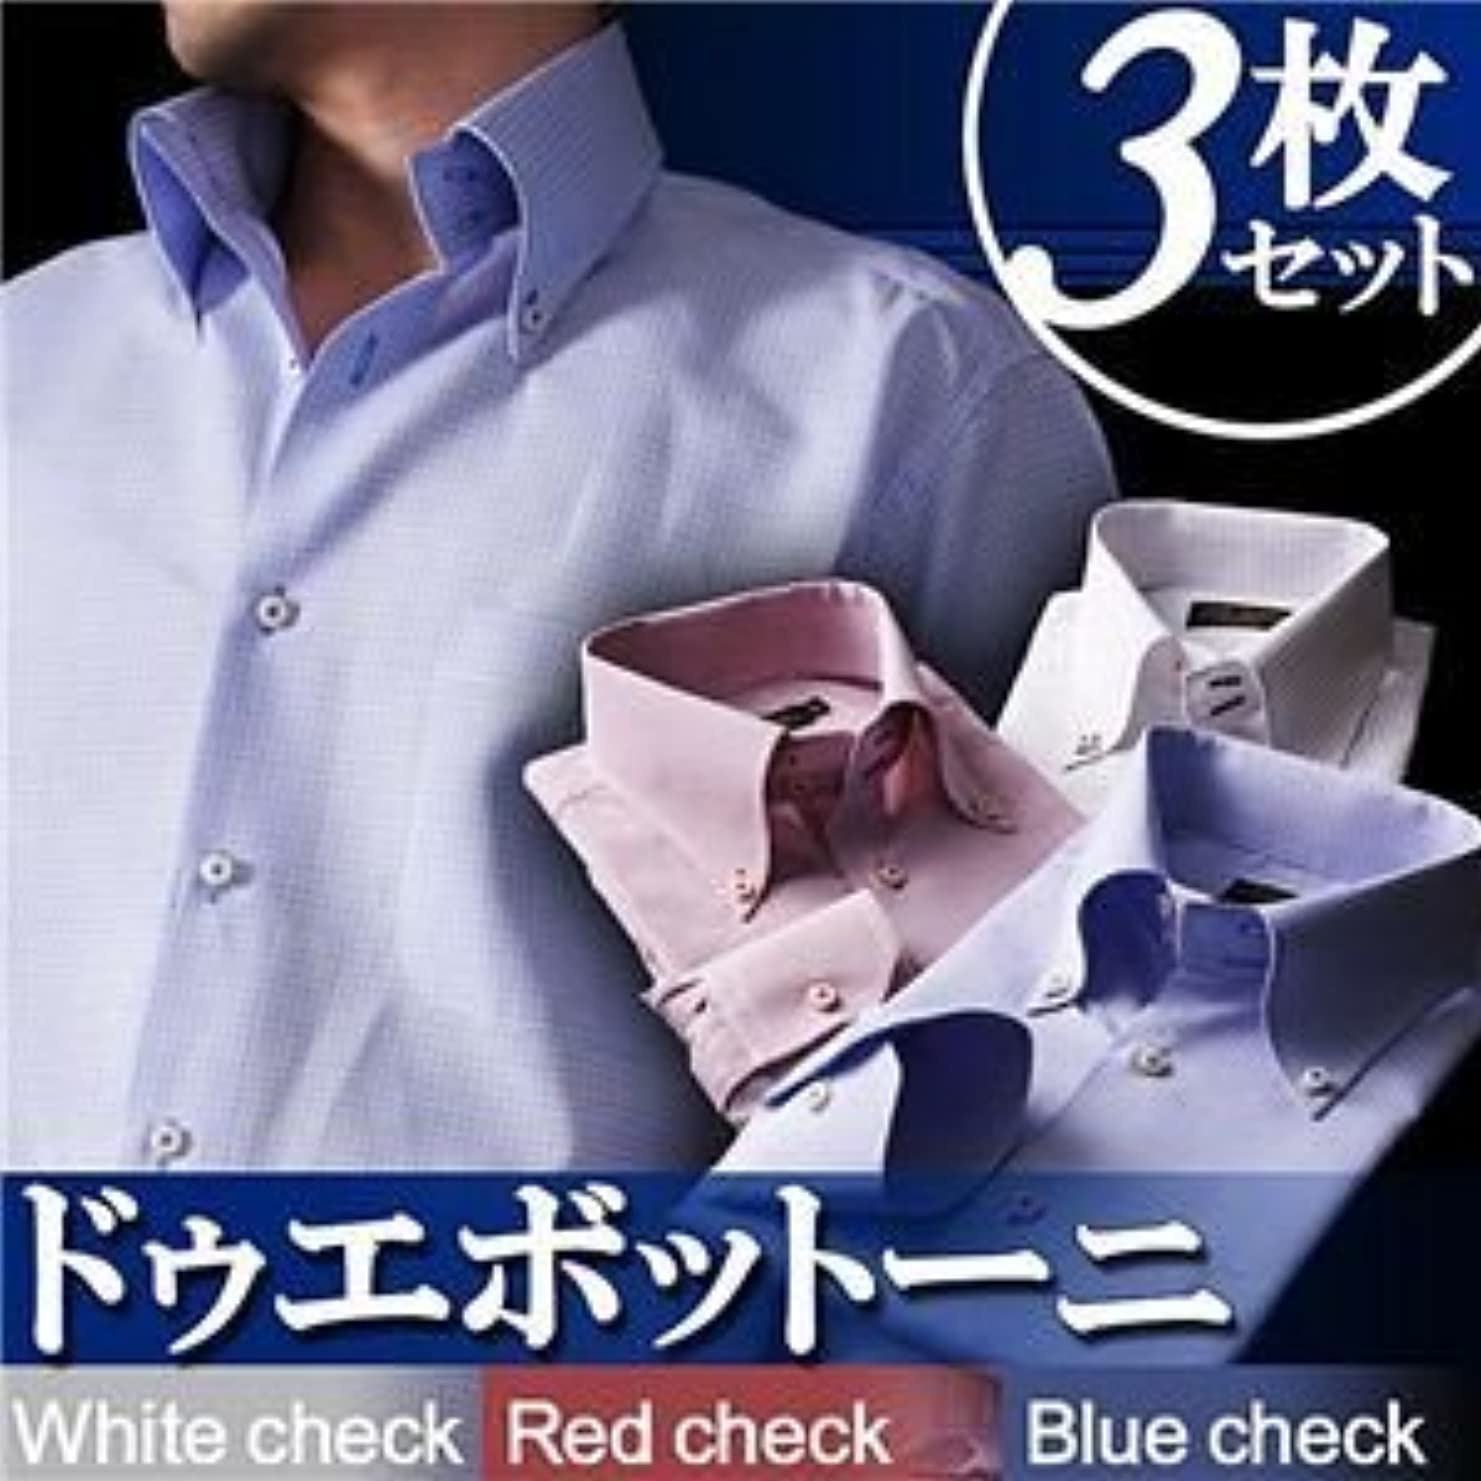 逮捕大工アセンブリワイシャツ3枚セット S カラーステッチ ドゥエボットーニ ボタンダウンシャツ3枚セット カラー(ホワイト?レッド?ブルーチェック) (Giorno ジョルノ BType)